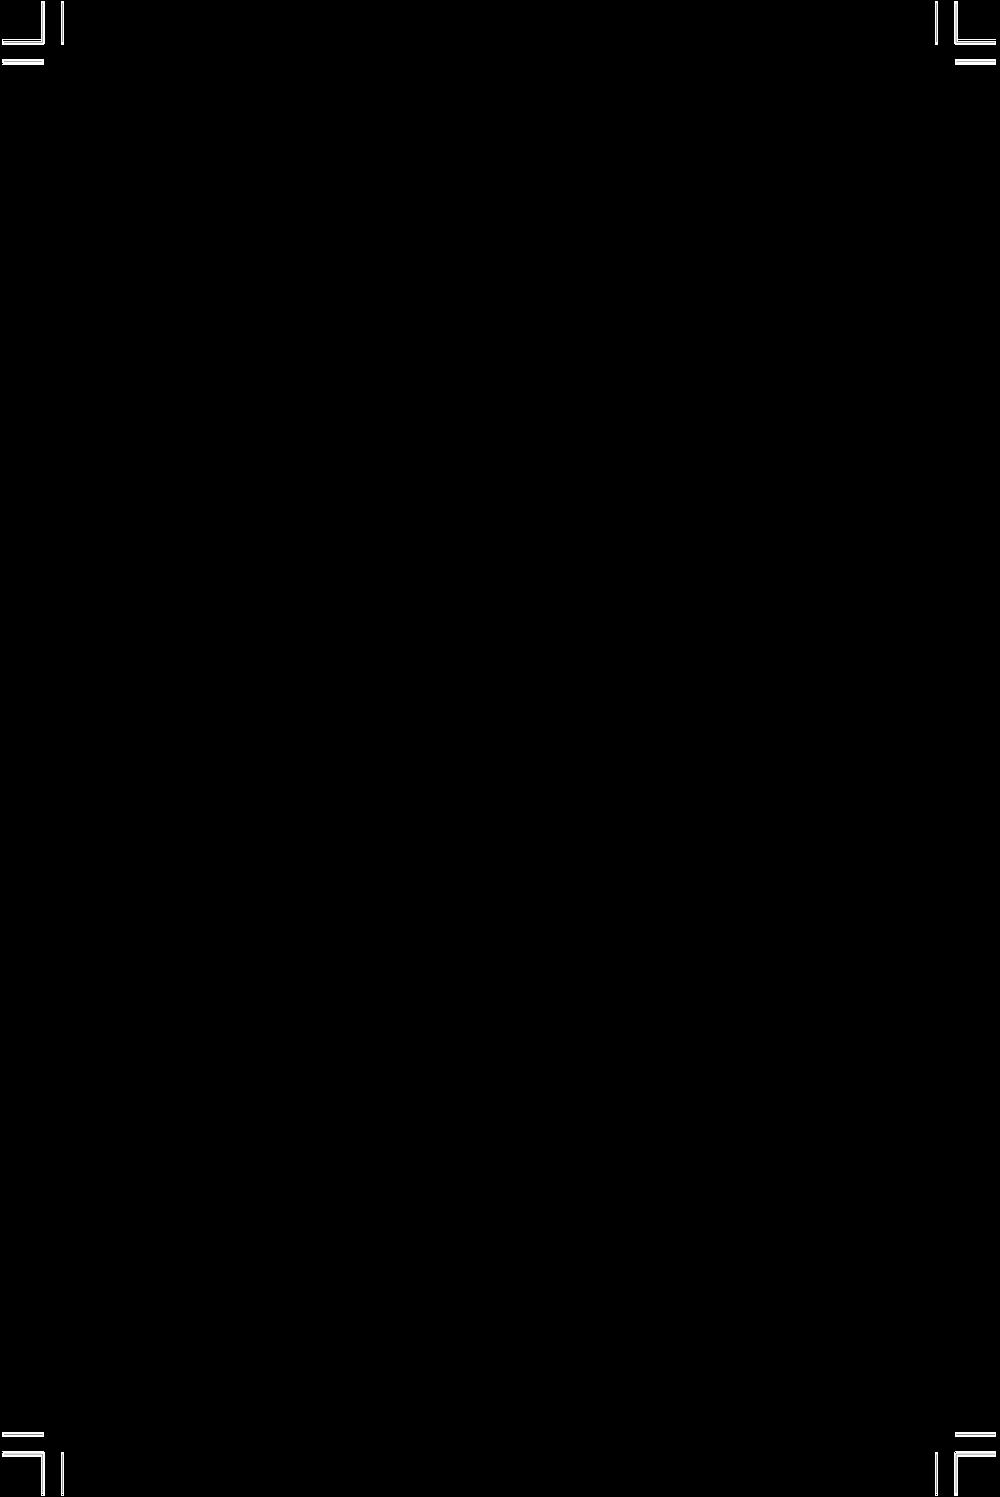 Visscher-1-1.png